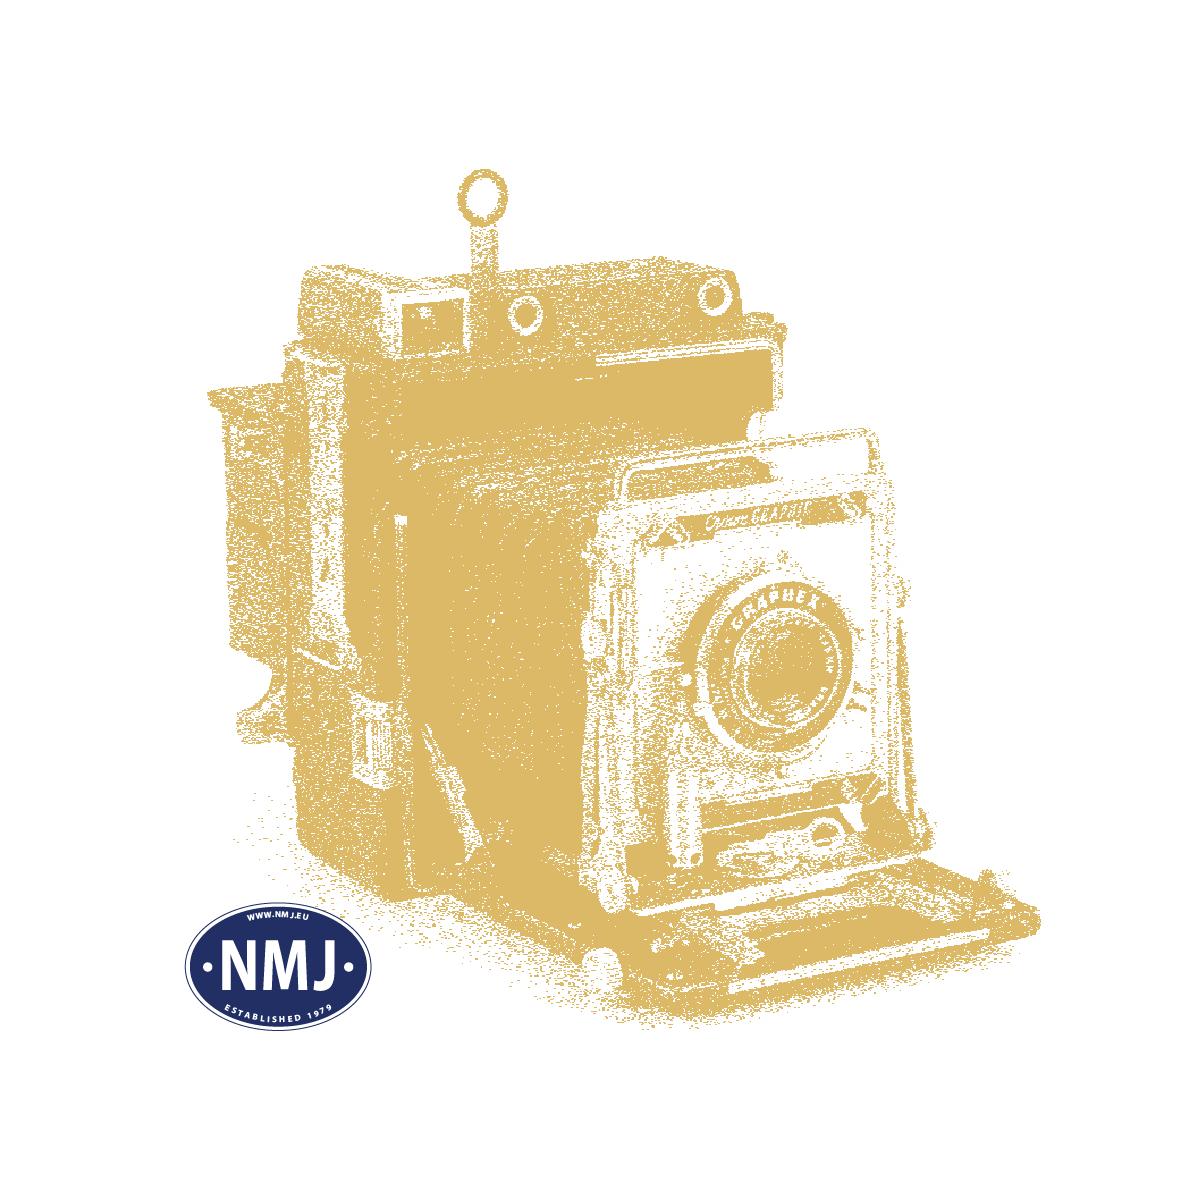 NMJT145005 - NMJ Topline NSB Di3.602, Red/Black w/ GM Logo, DC Analogue, 0-Scale